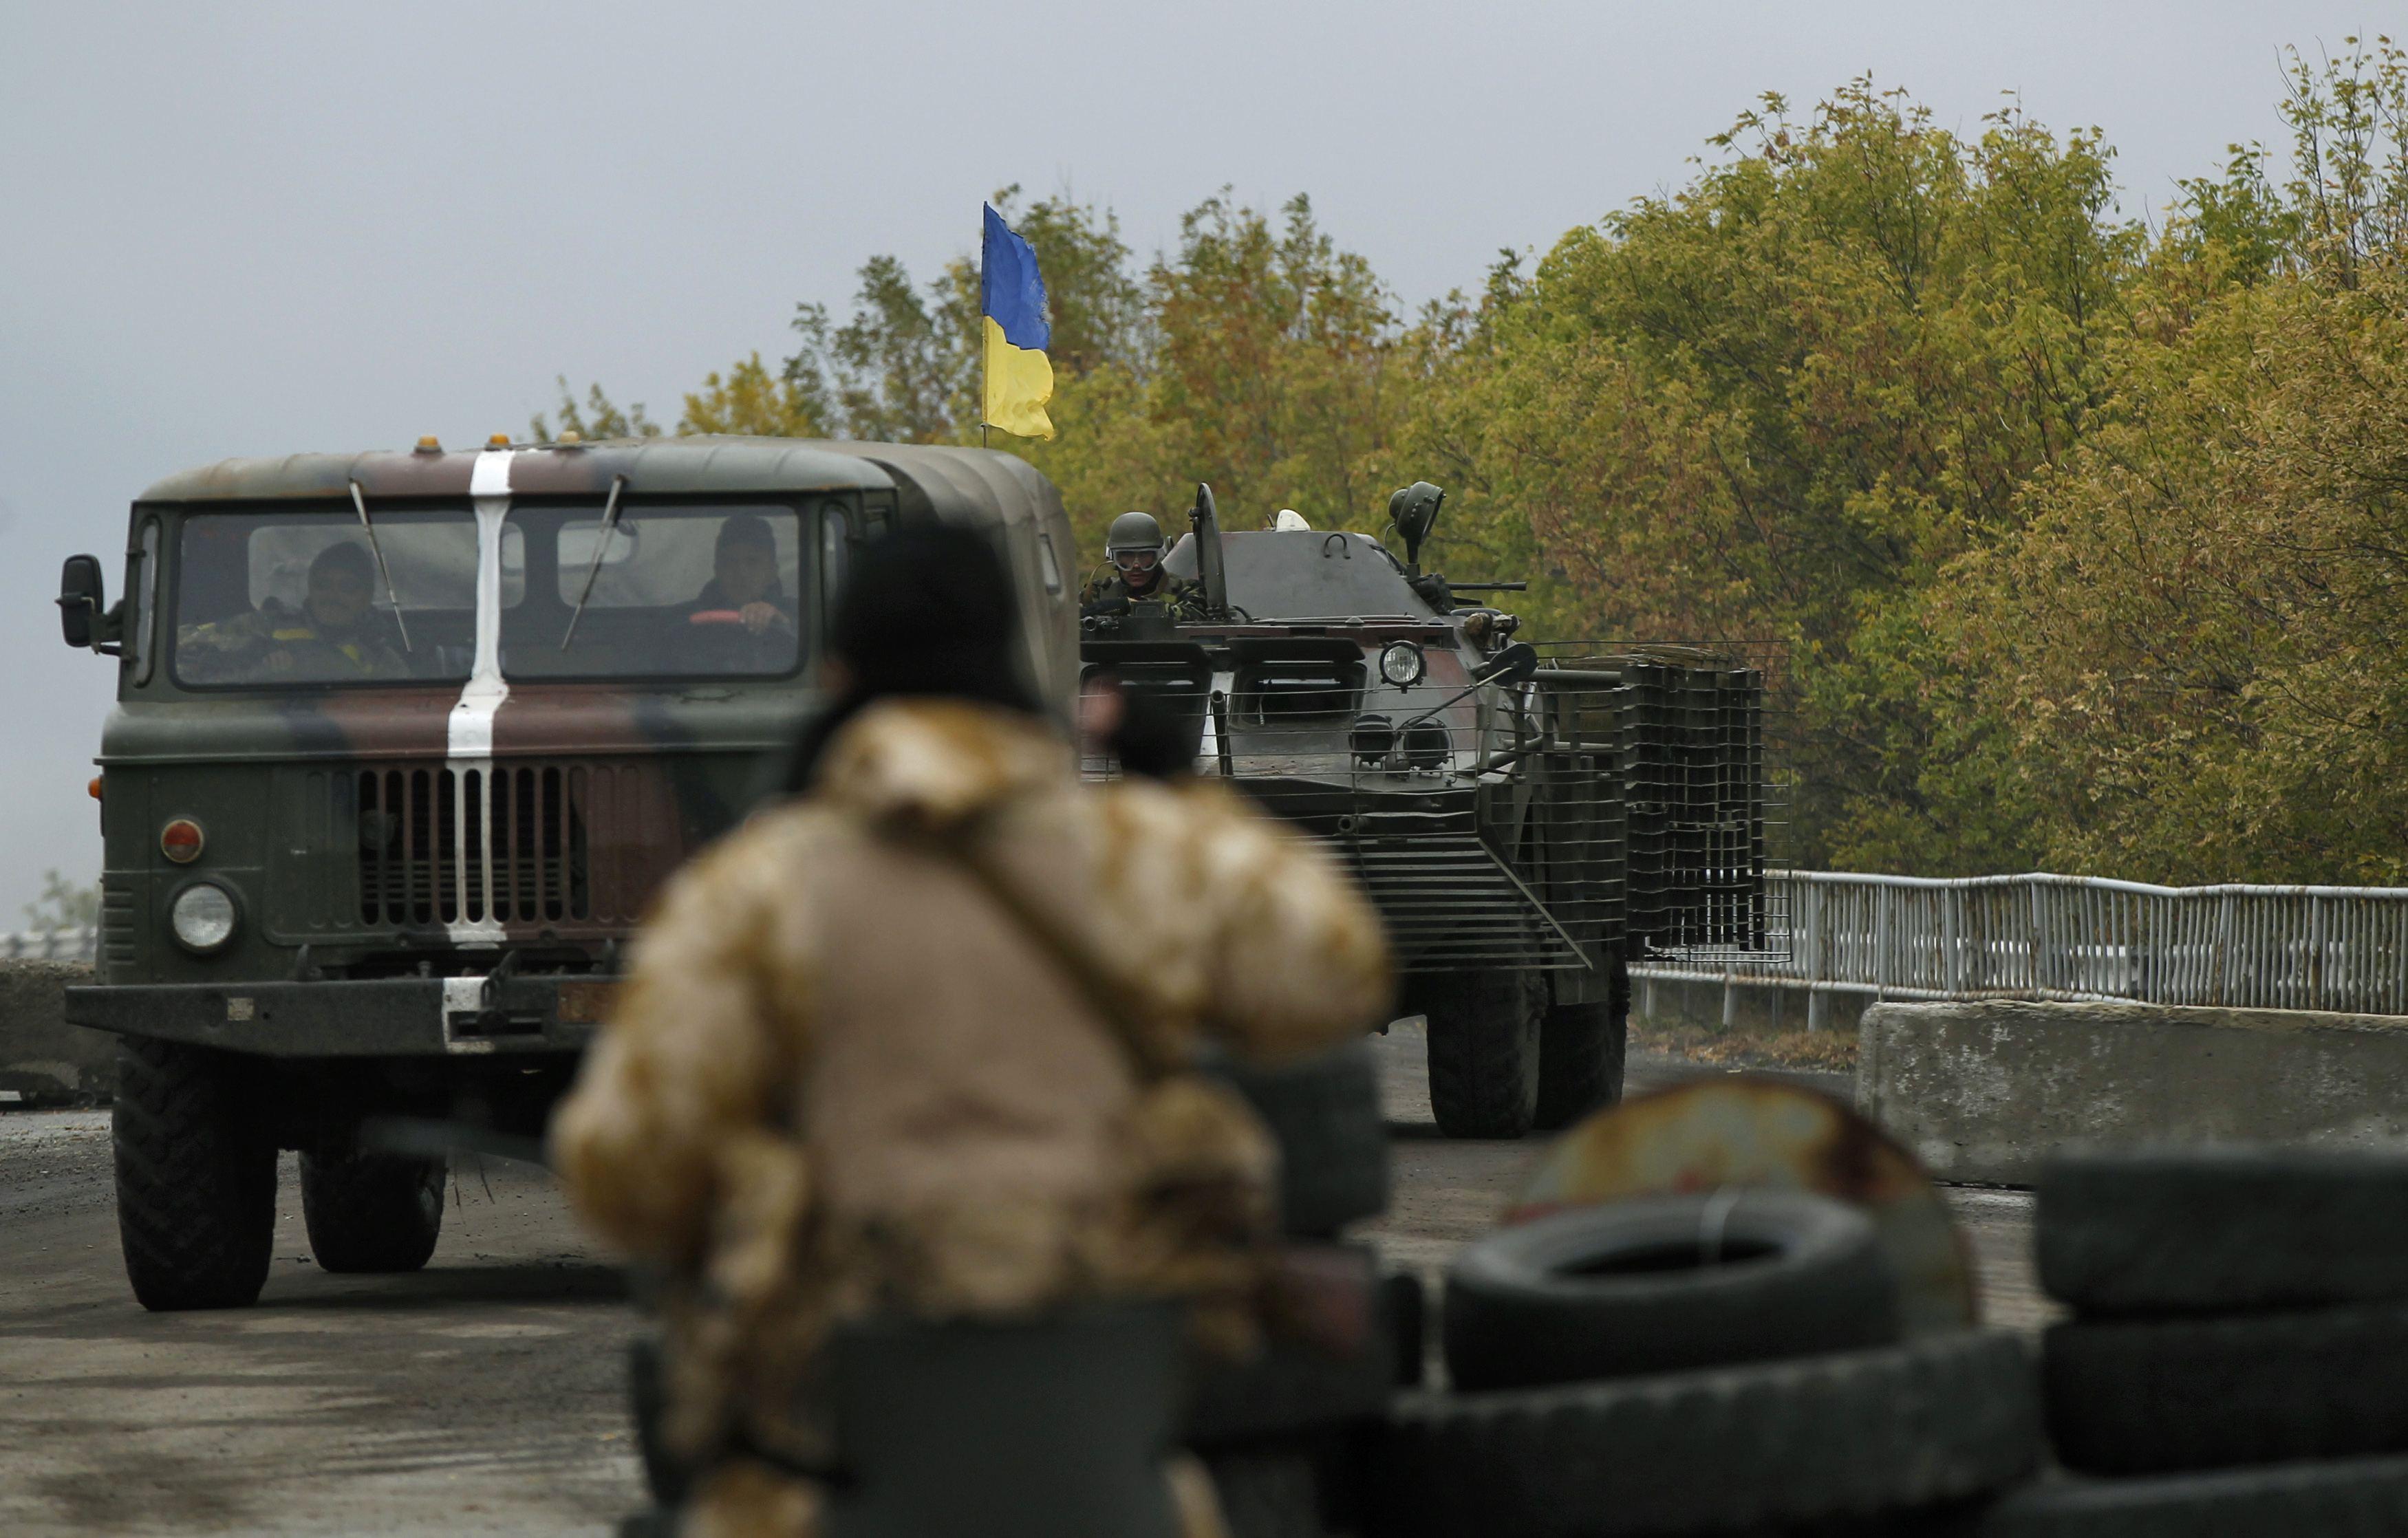 юго-восток, Луганск, ЛНР, Луганская область, Украина, Донбасс, АТО, Нацгвардия